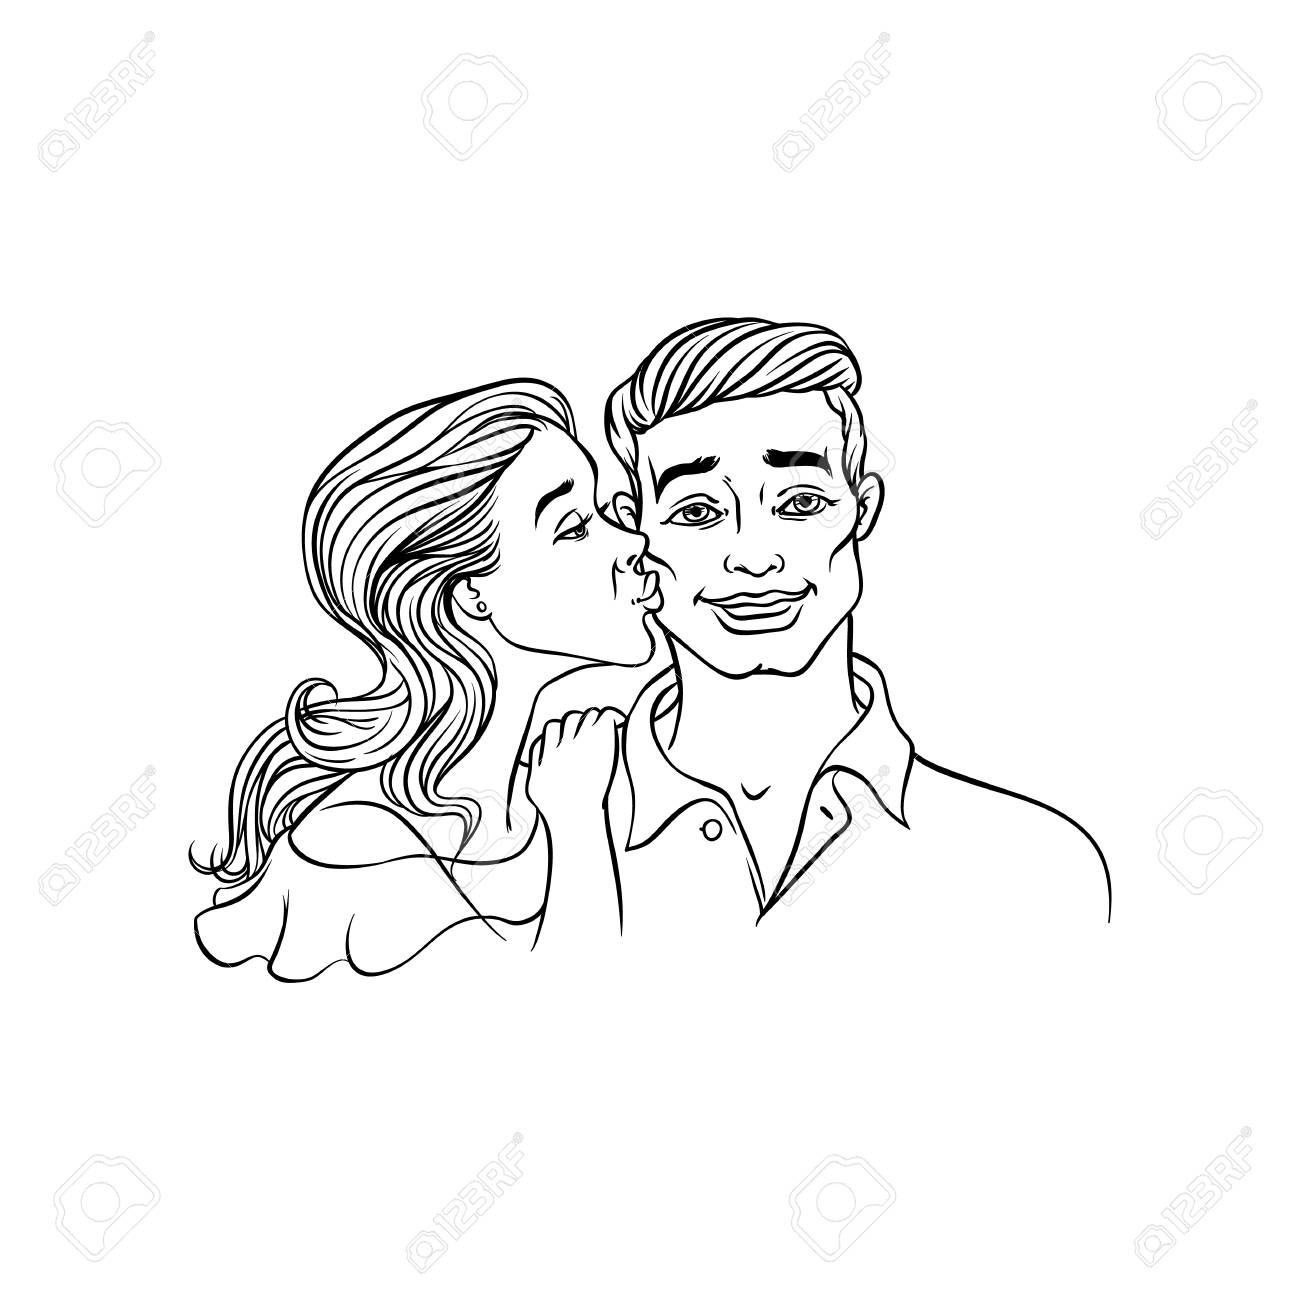 Weißer Kerl Mädchen Romantisch Schwarzes Piqsels